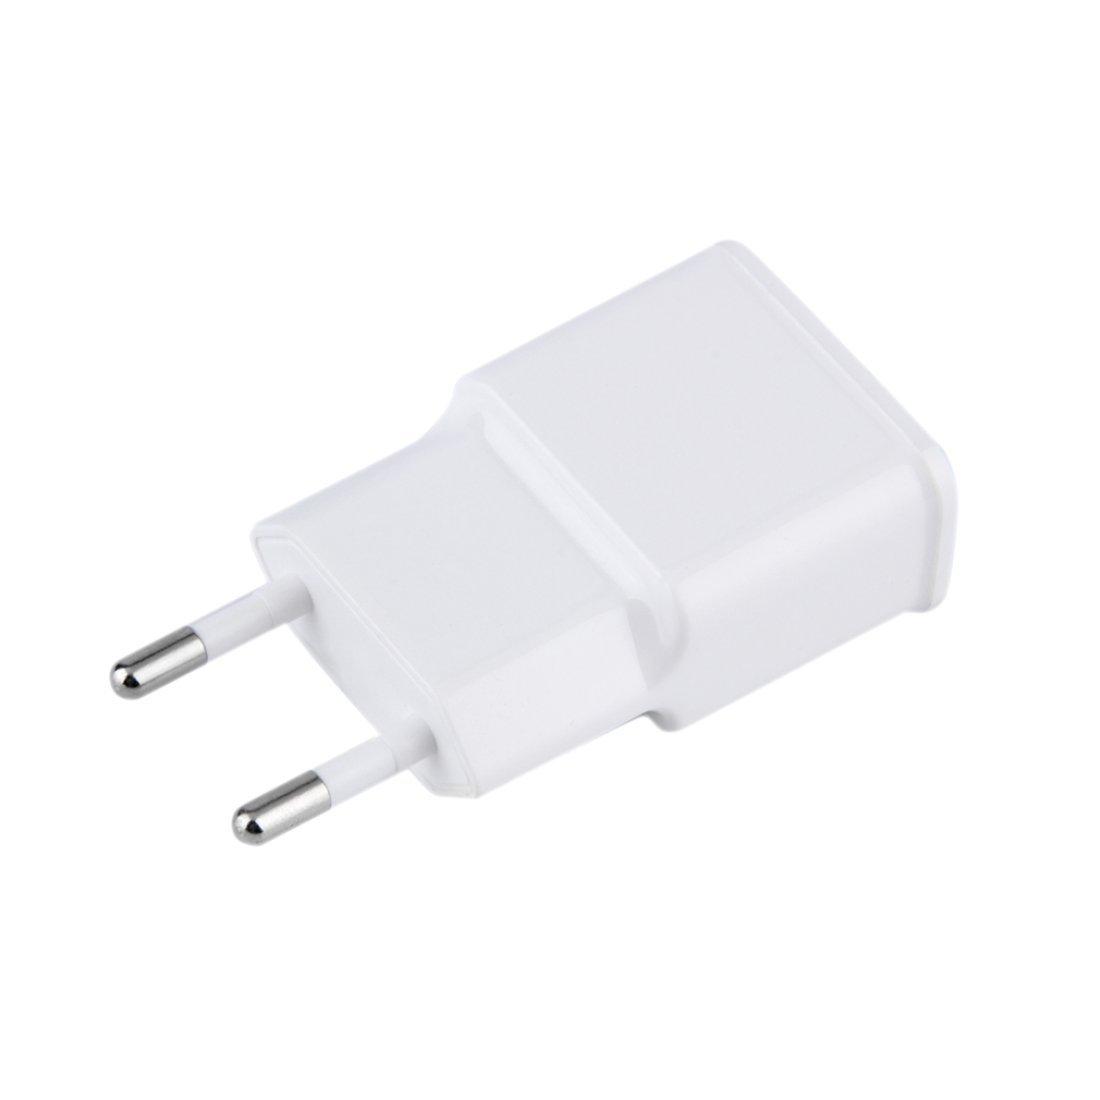 AC Mur Chargeur Tablet Alimentation Adaptateur 5 V 2A Double USB 2-Port Voyage de Charge USA pour Té lé phone Mobile PC Blanc US/EU Plug Formulaone